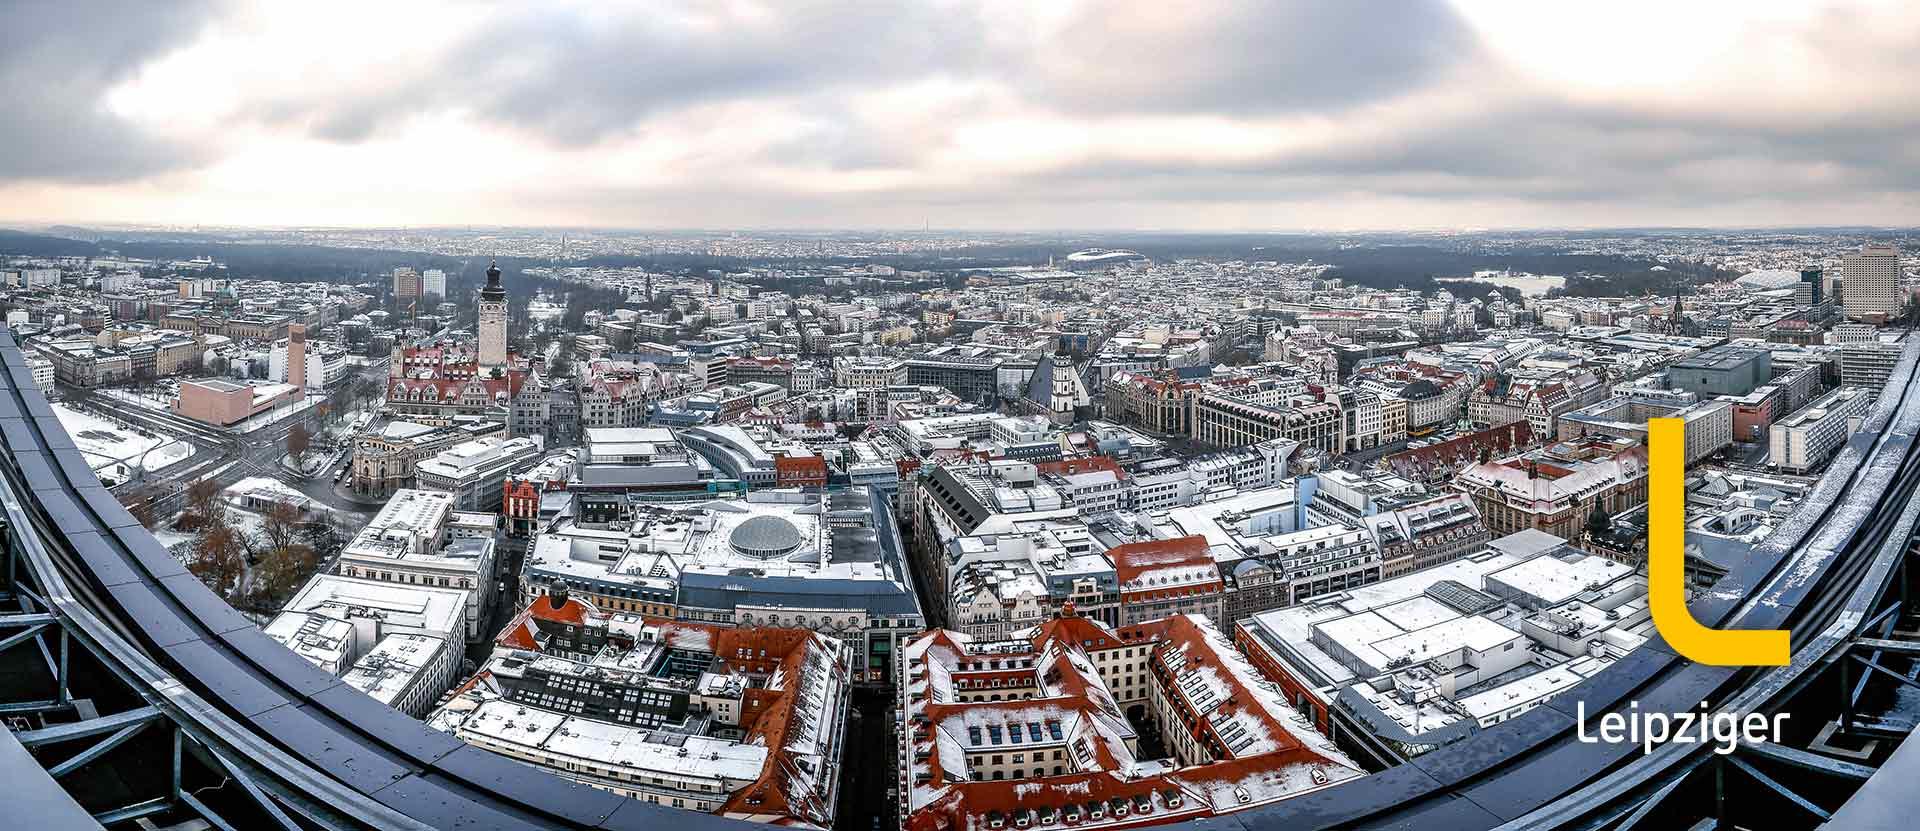 Imagefoto Leipzig Aussicht